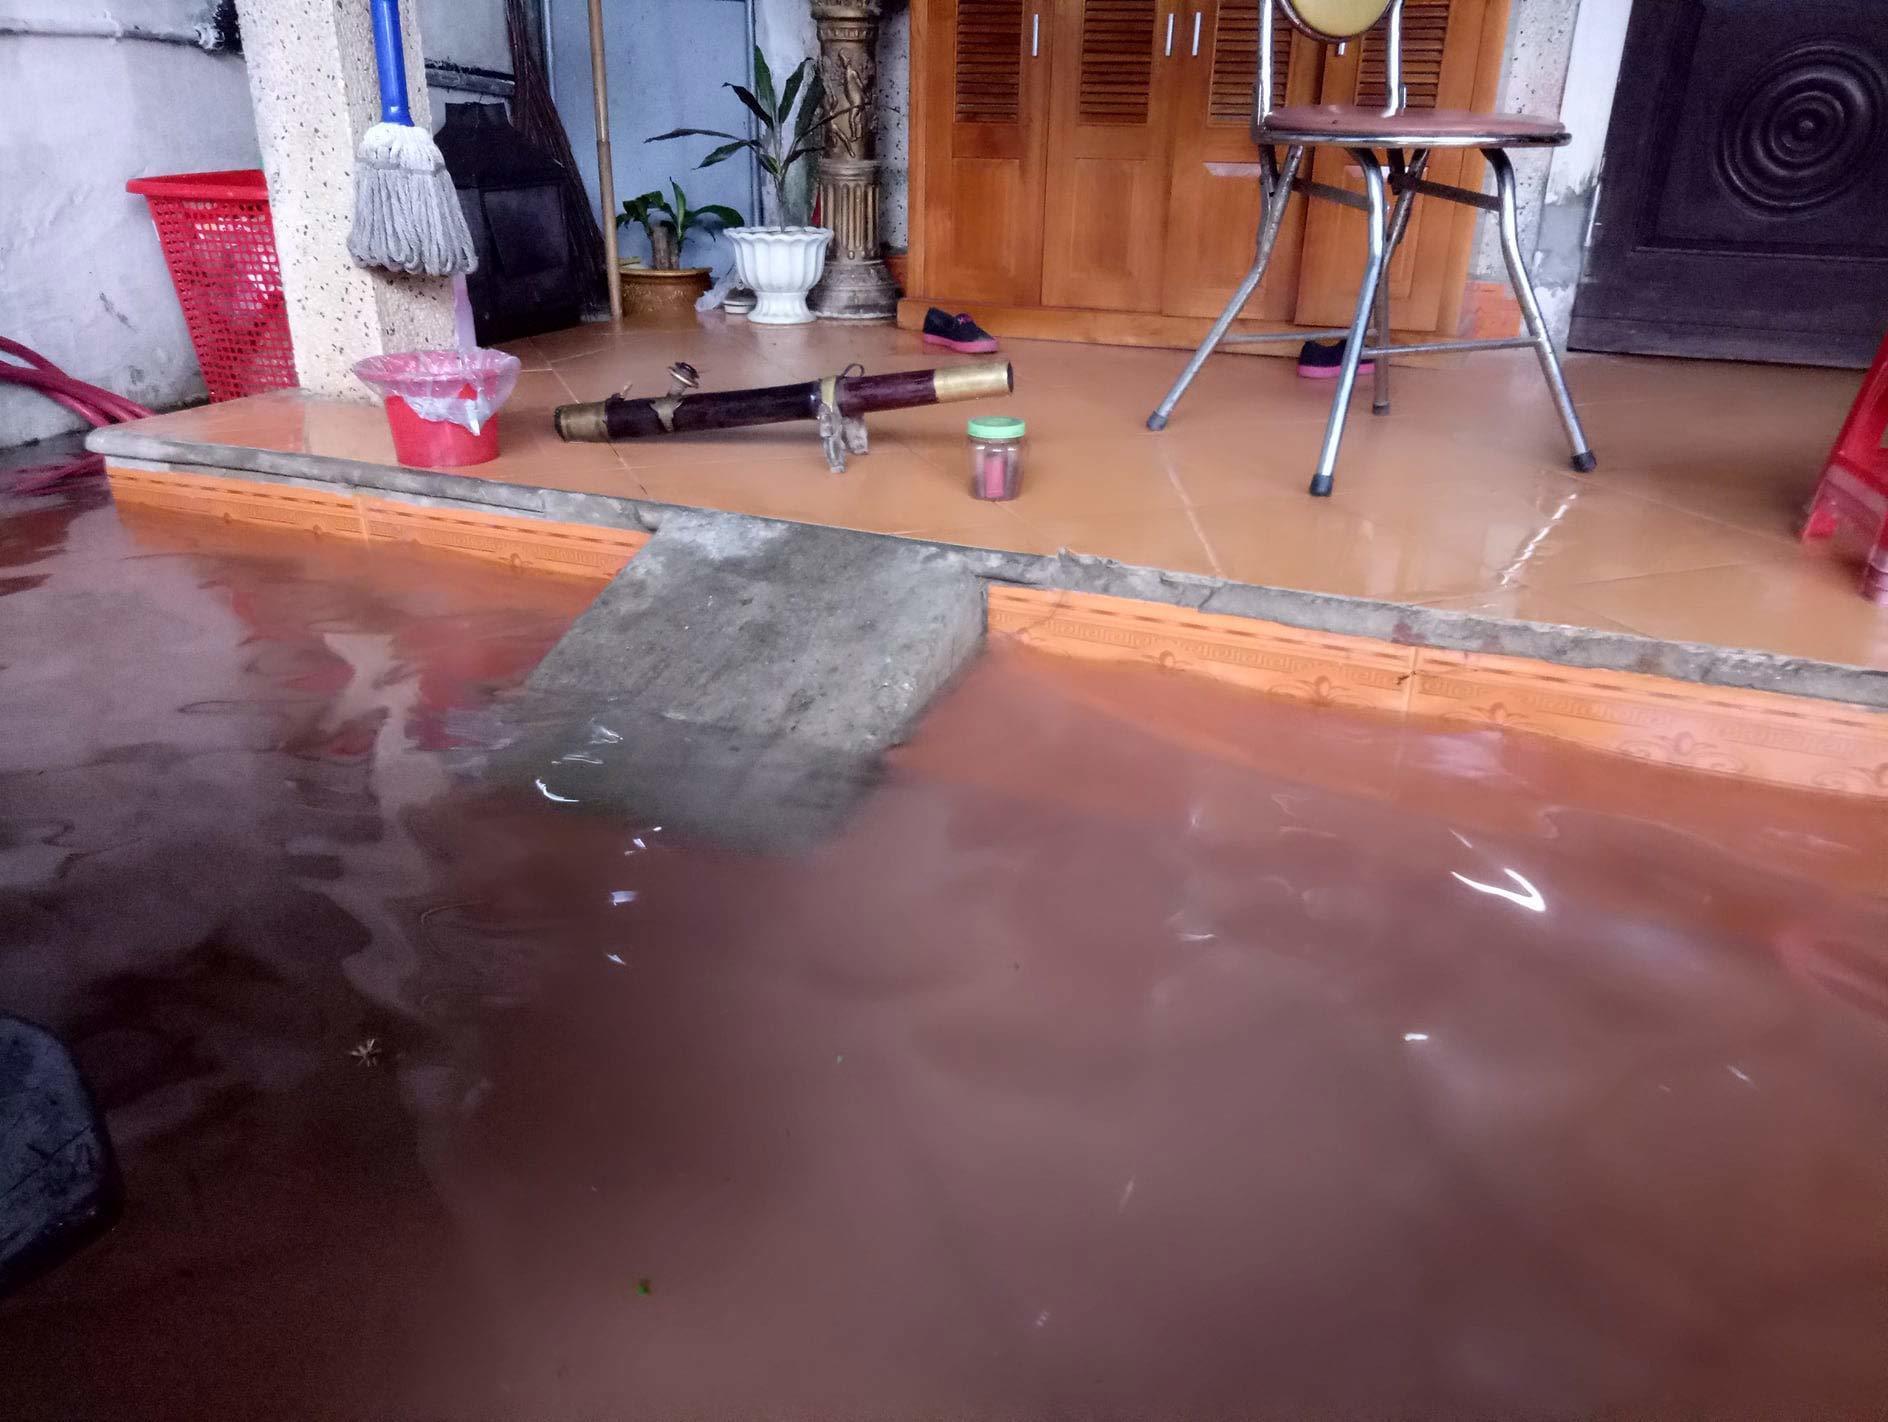 mưa lũ,áp thấp nhiệt đới,ngập lụt,Hà Tĩnh